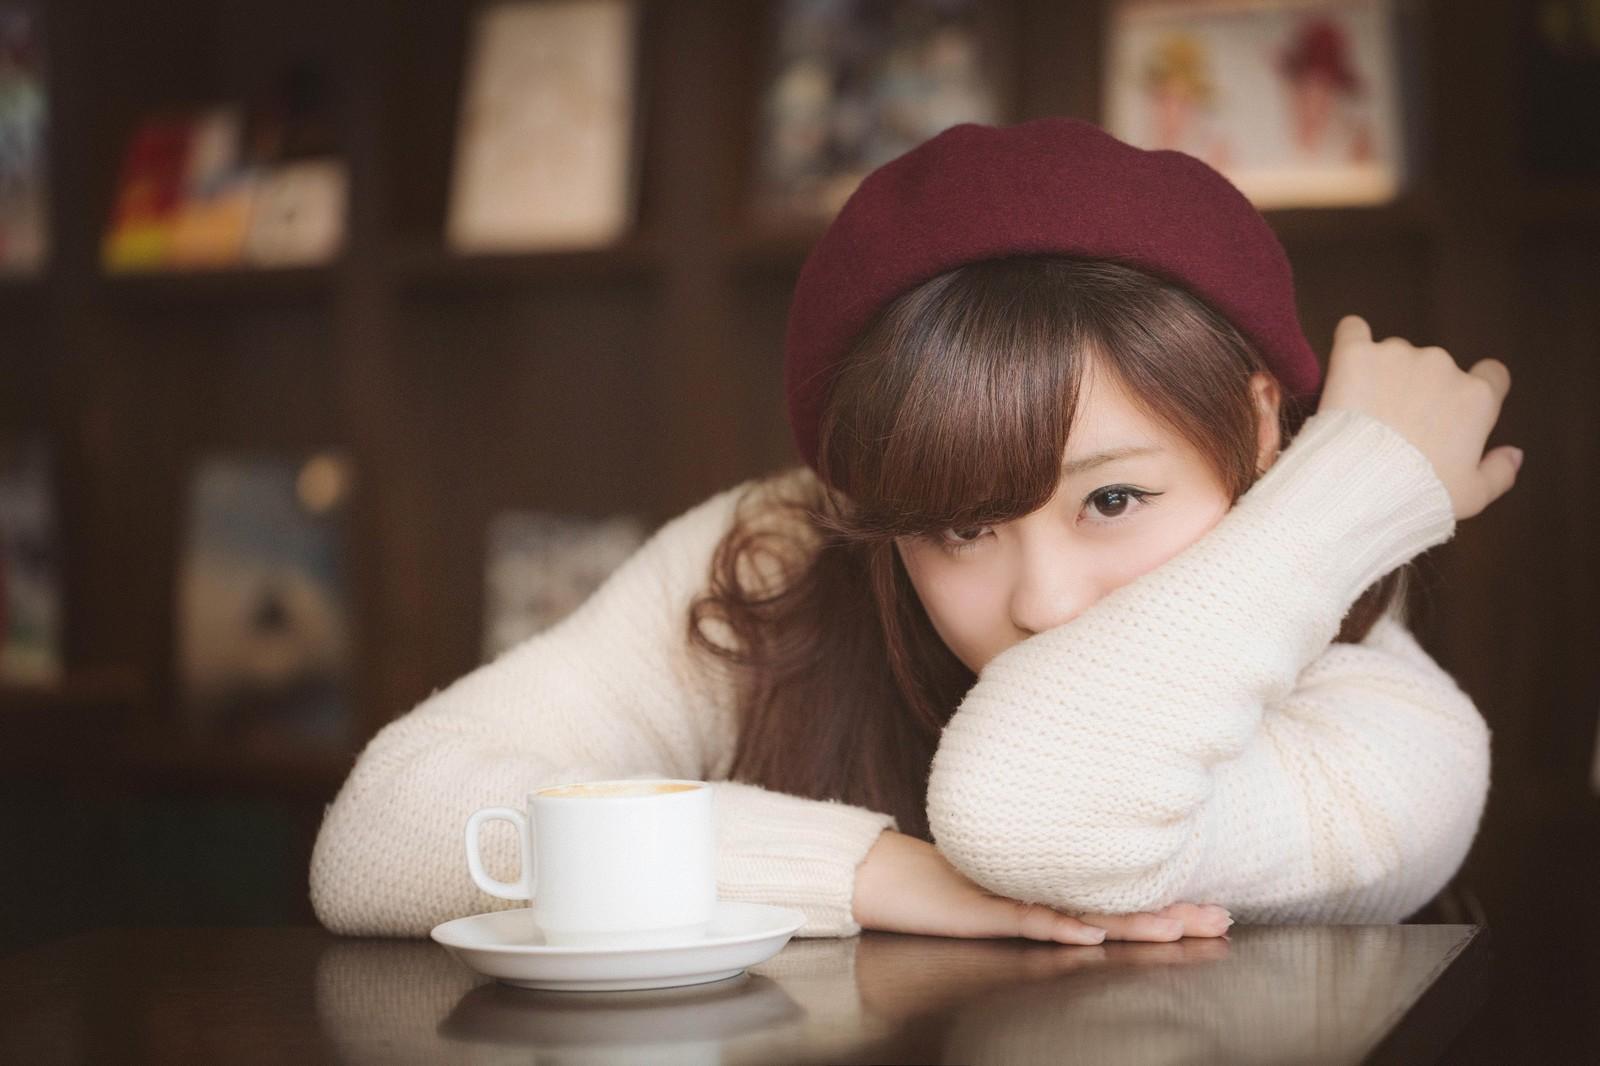 女生絕對不能使用的日文&日本人在twitter常用的單字/女子が絶対使うべきでない日本語&日本人がtwitterでよく使う単語